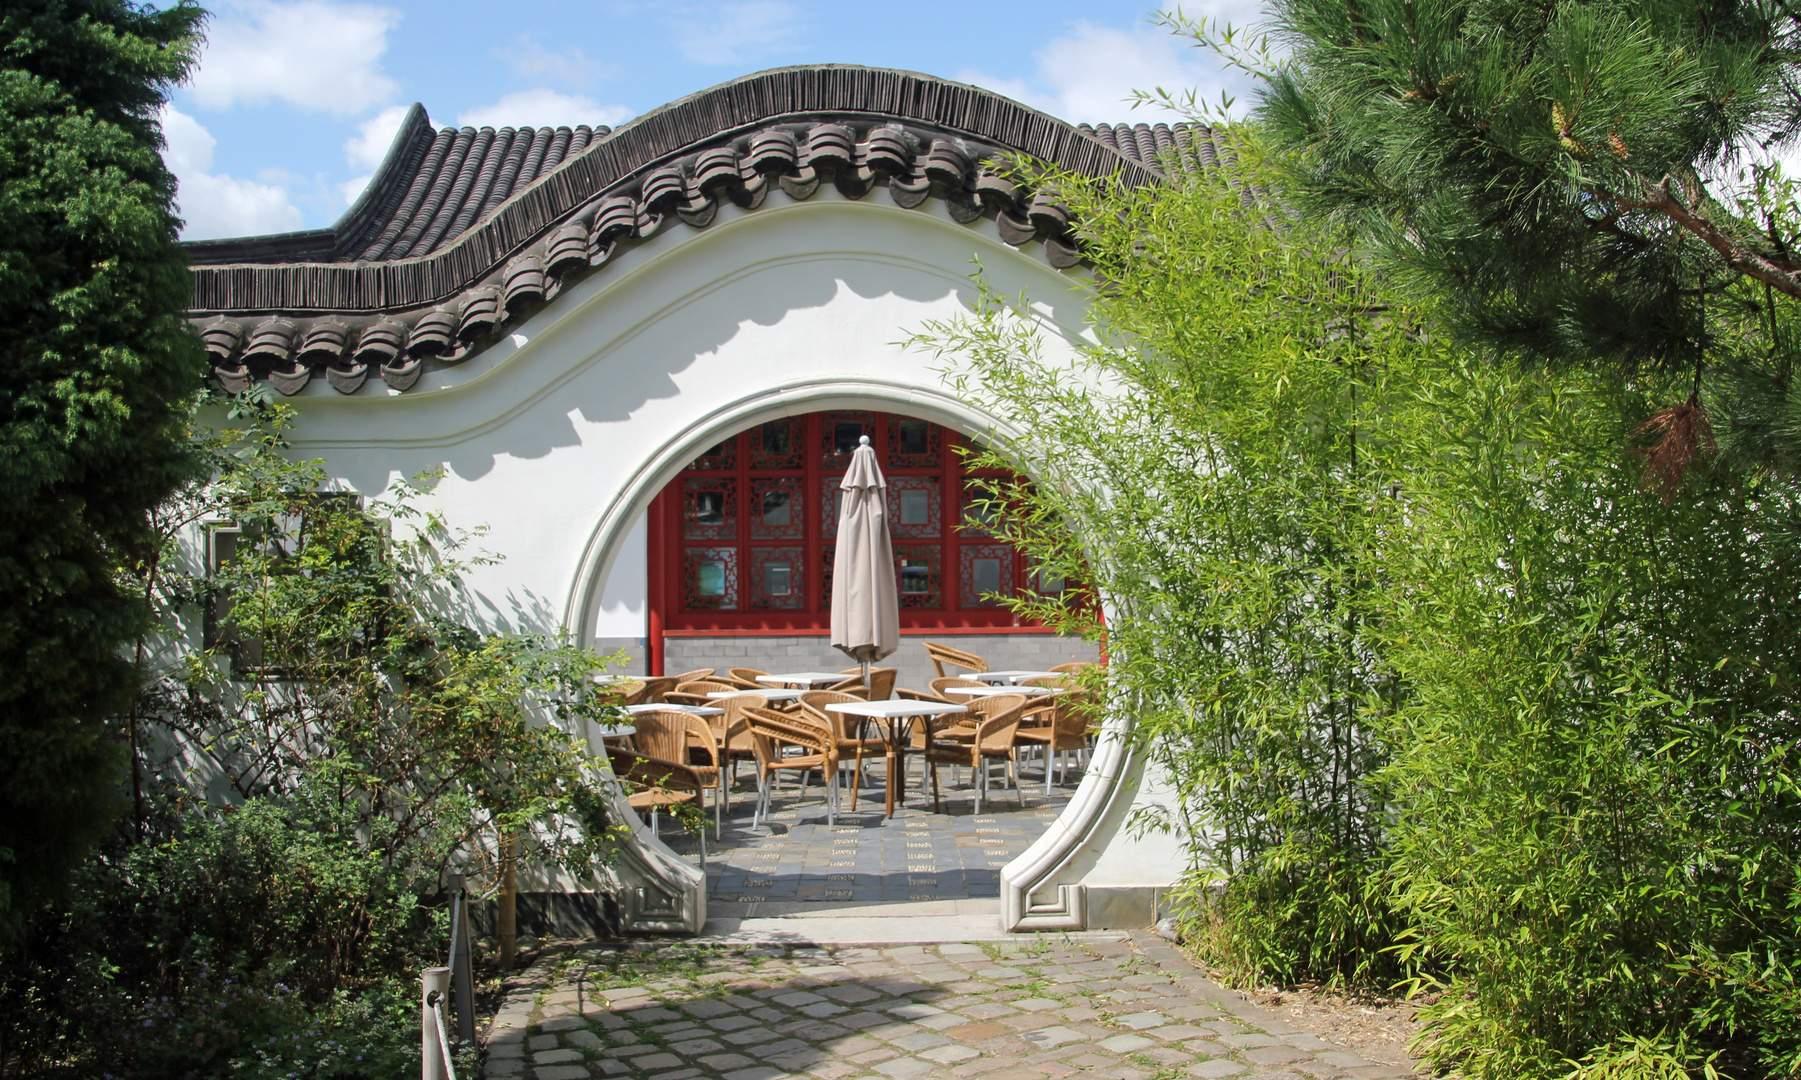 Gärten Der Welt Berlin Elegant Gärten Der Welt In Berlin Mondtor Im Chinesischen Garten